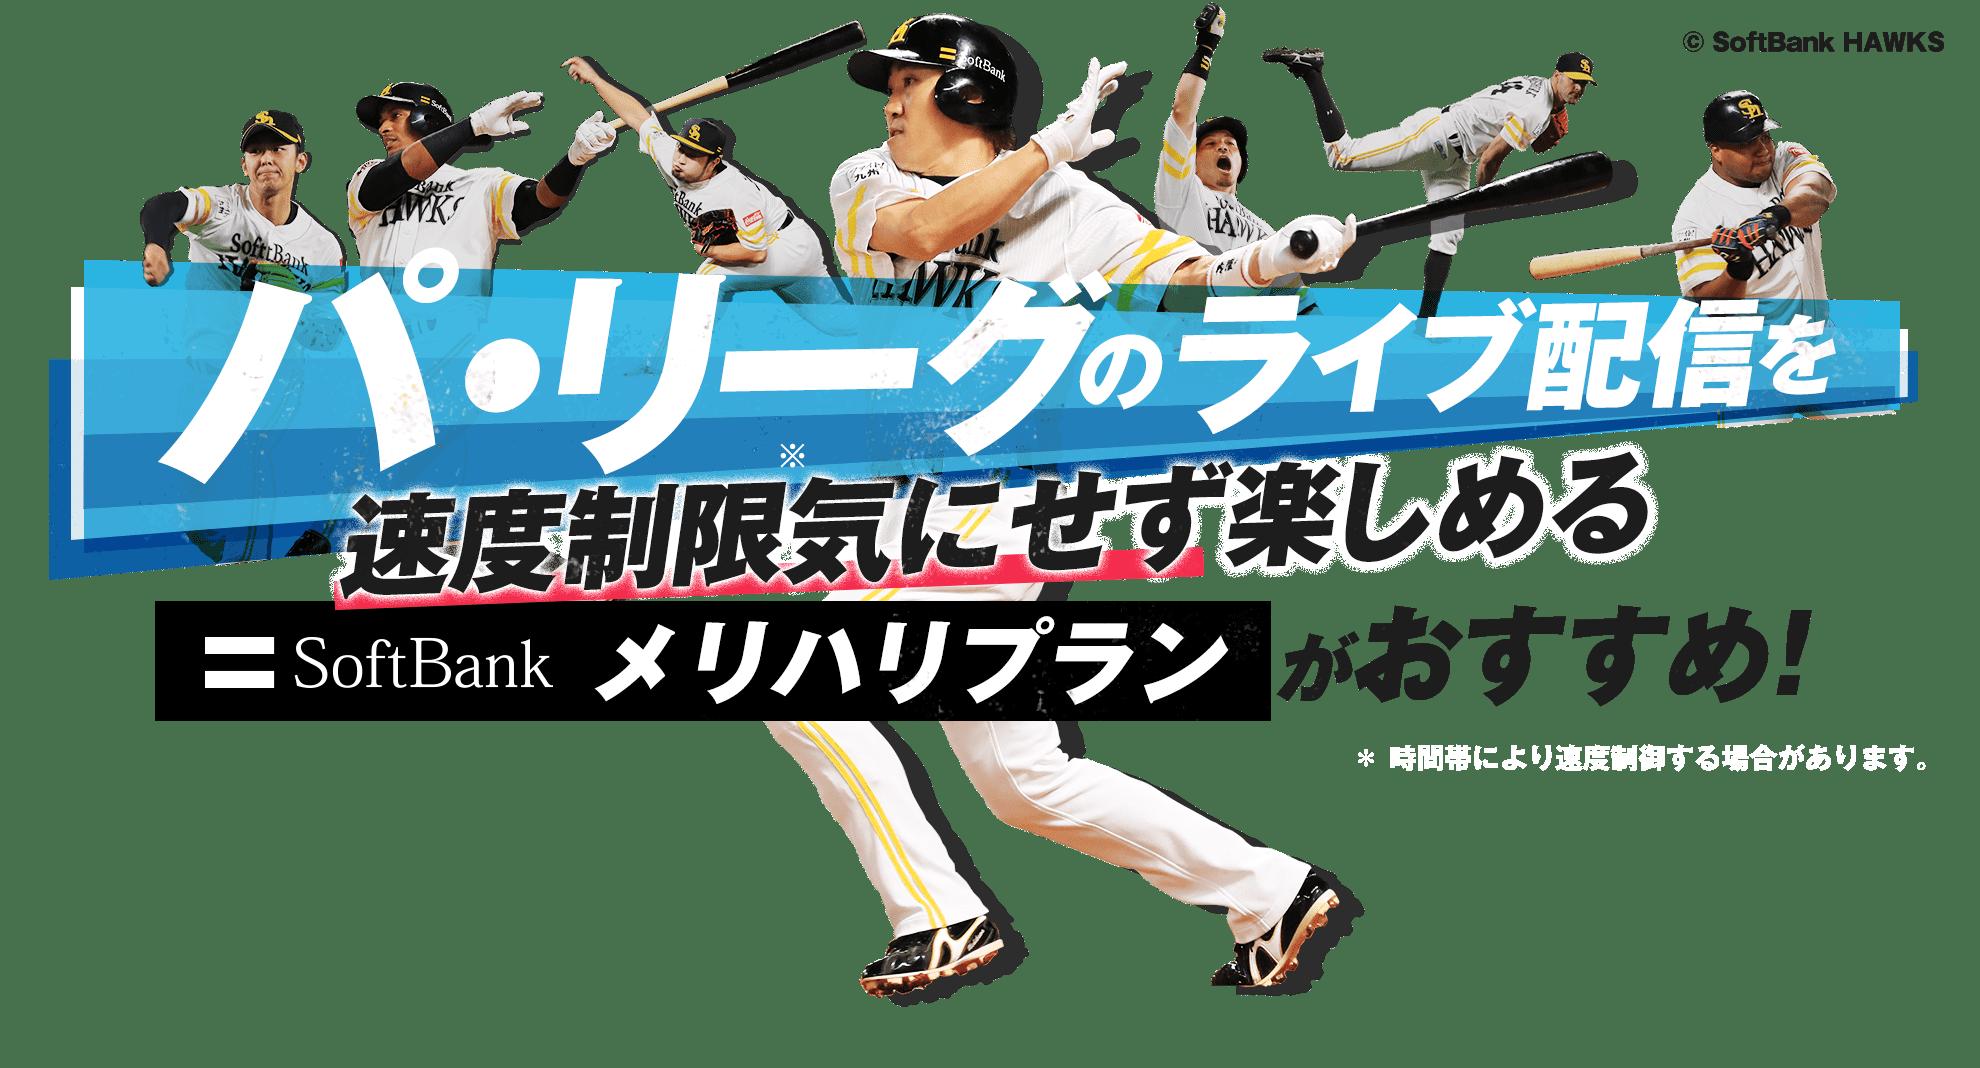 パ・リーグのライブ配信を速度制限※気にせず楽しめる SoftBank メリハリプランがおすすめ! ※時間帯により速度制御する場合があります。Copyright SoftBank HAWKS